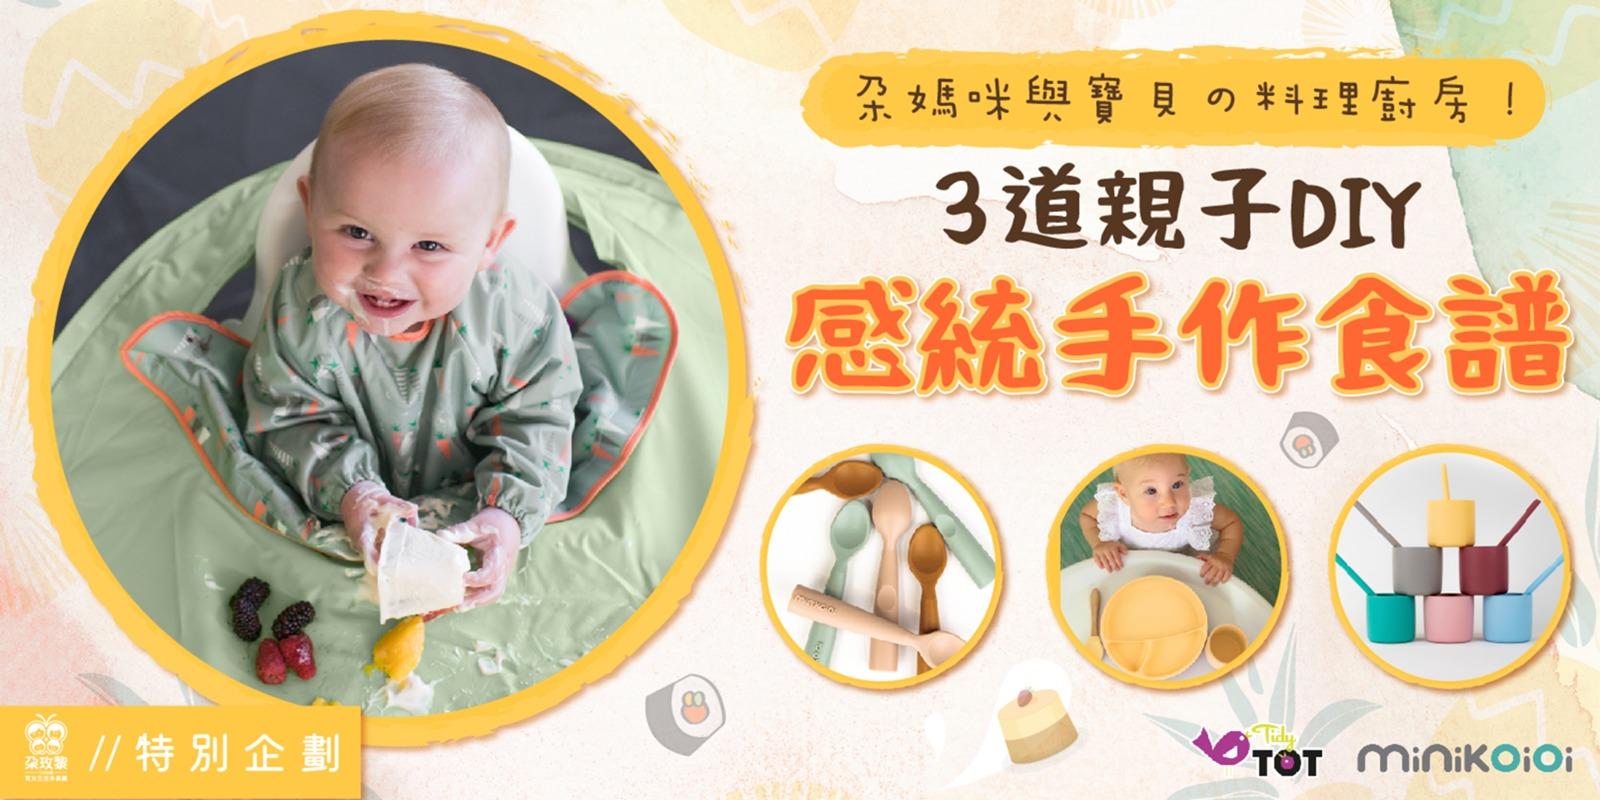 朶特企 朶媽咪與寶貝の料理廚房!3道親子DIY感統手作食譜